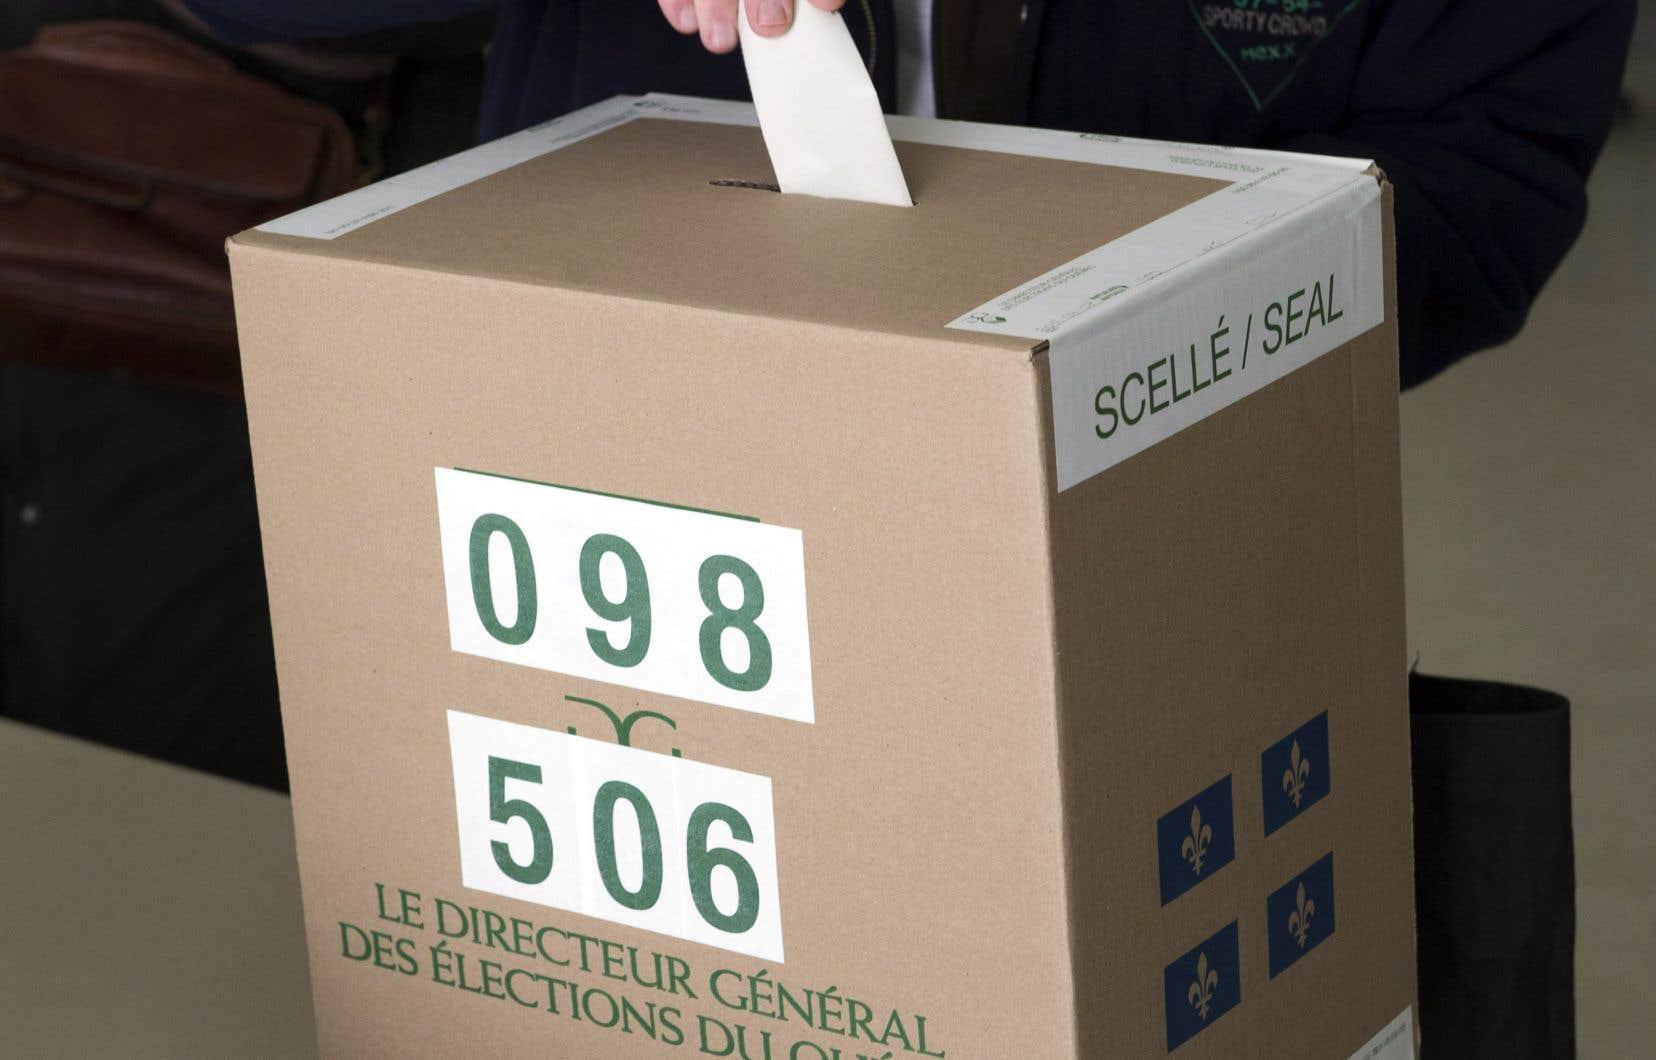 «Une réforme du mode de scrutin ne peut s'appuyer uniquement sur le principe de la représentation proportionnelle du vote», affirment les auteurs.